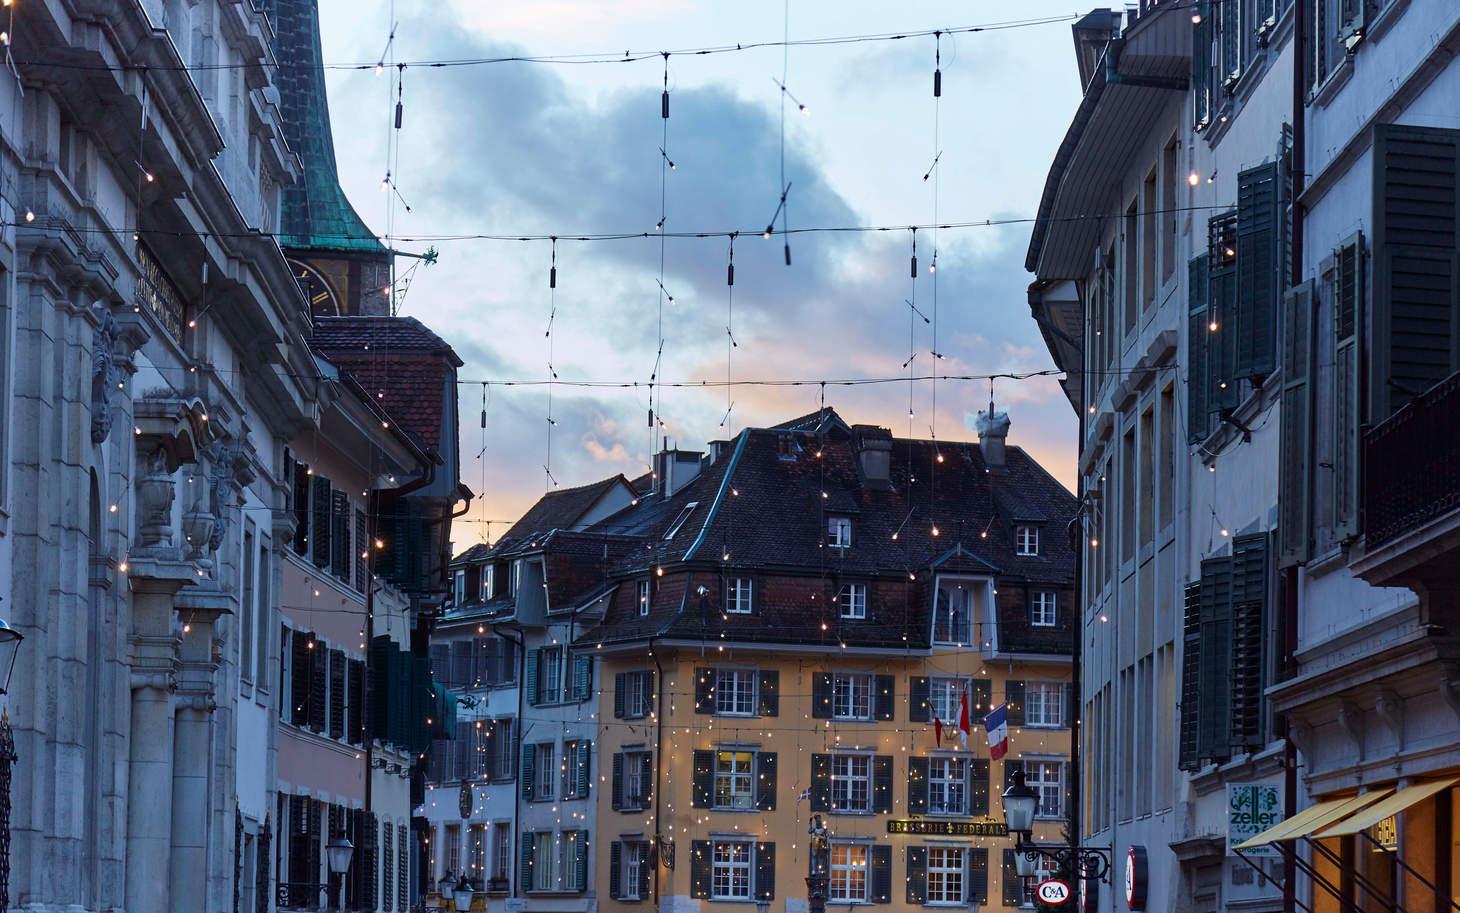 Weihnachtsbeleuchtung Stadt Solothurn in der Abenddämmerung